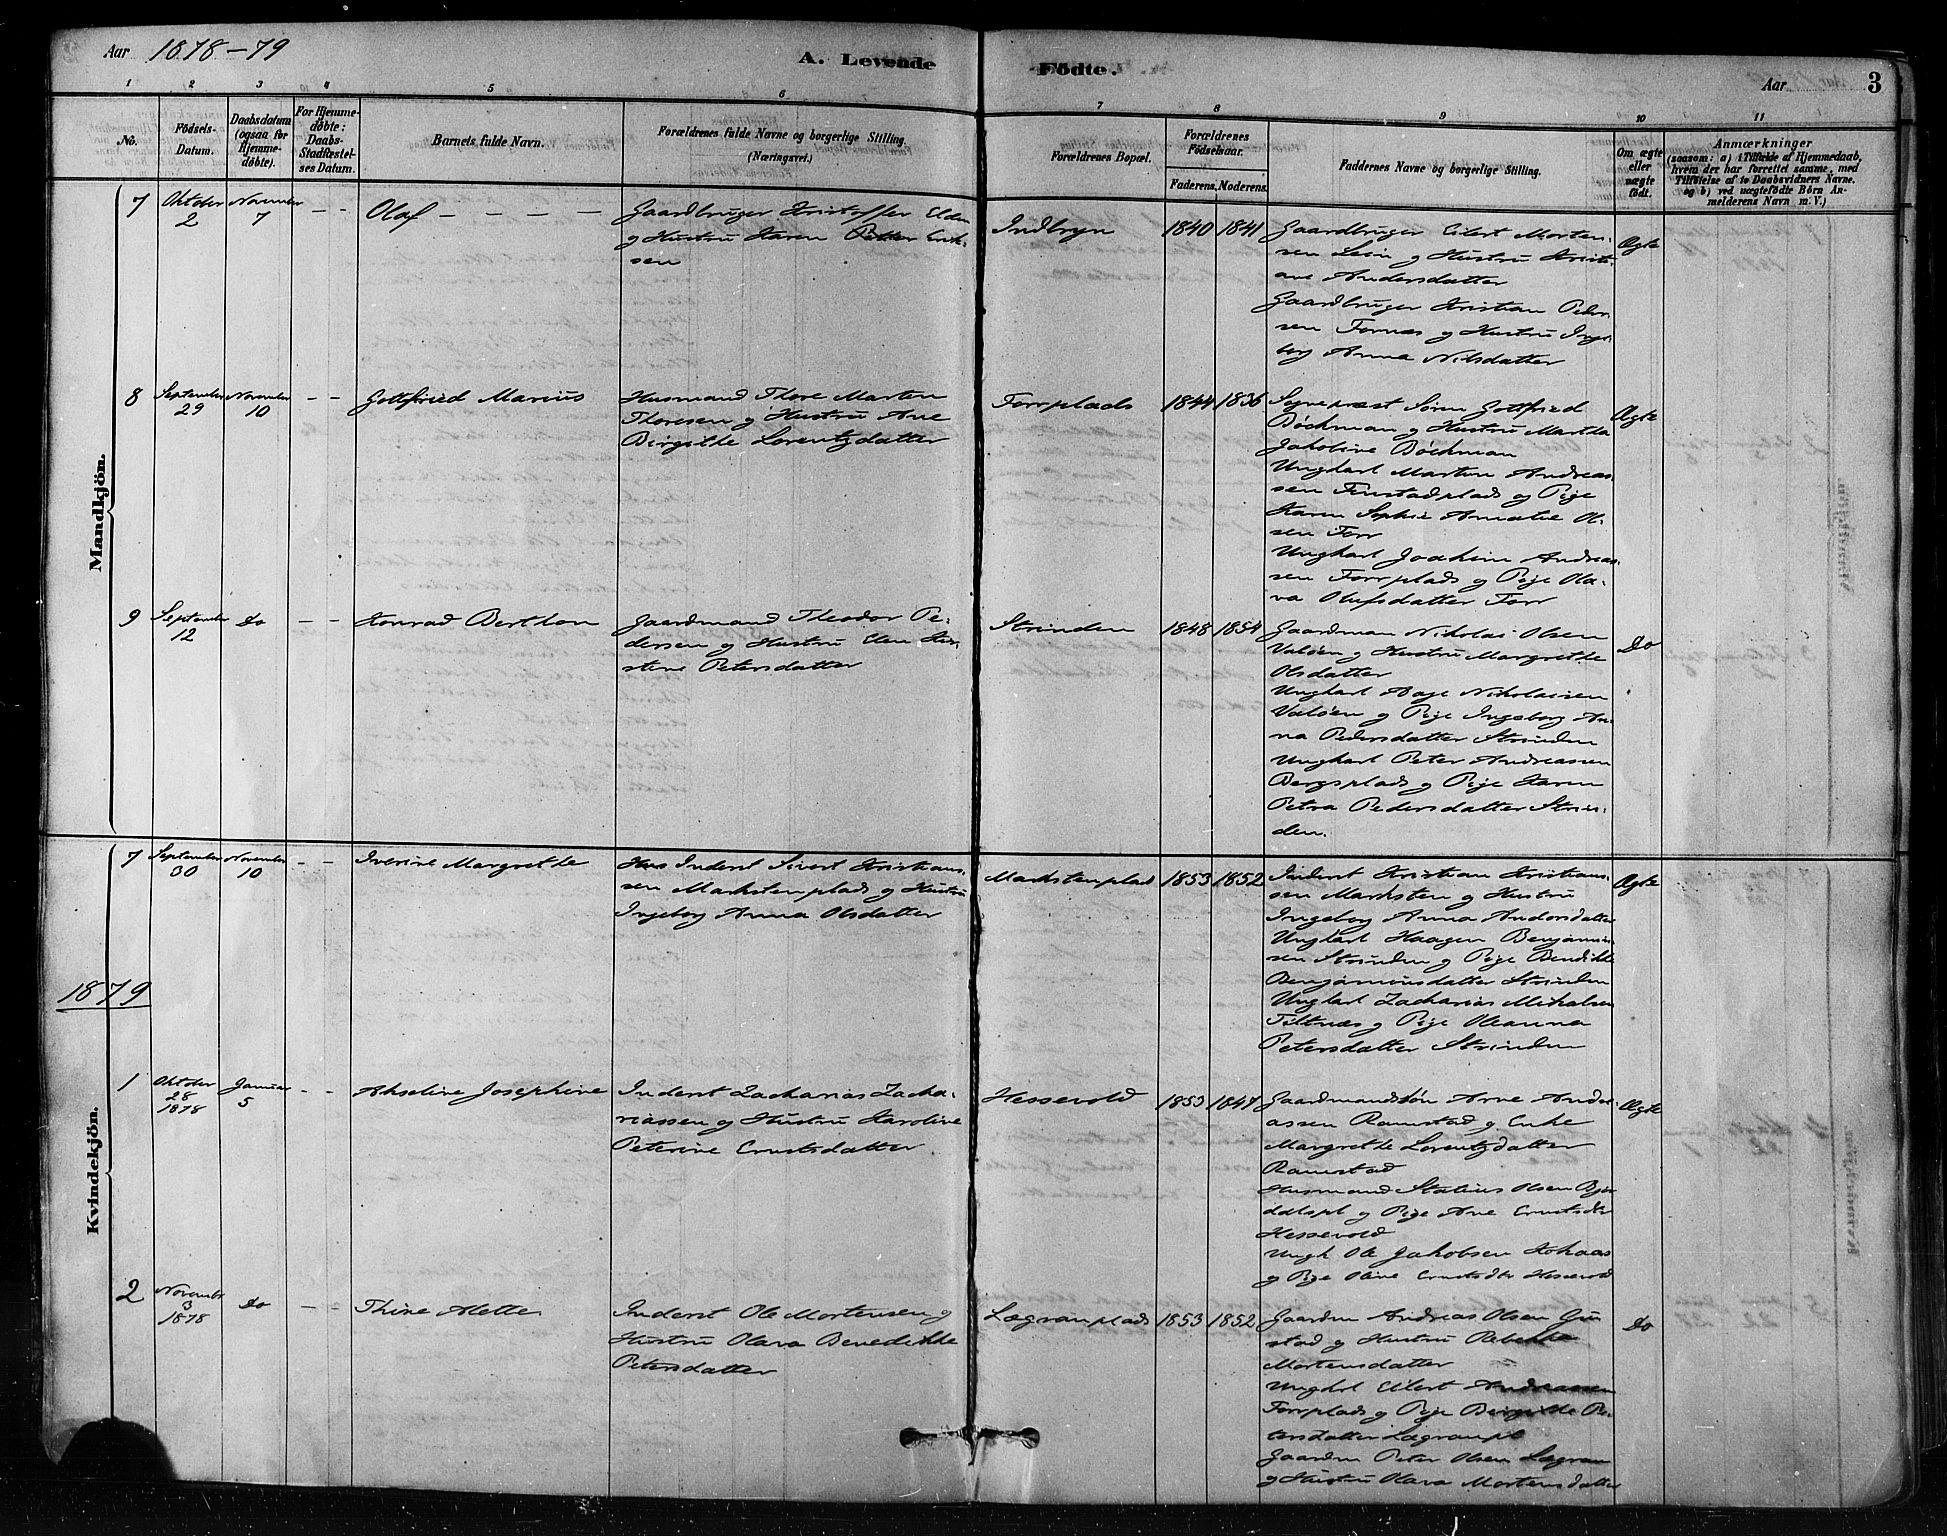 SAT, Ministerialprotokoller, klokkerbøker og fødselsregistre - Nord-Trøndelag, 746/L0448: Ministerialbok nr. 746A07 /1, 1878-1900, s. 3